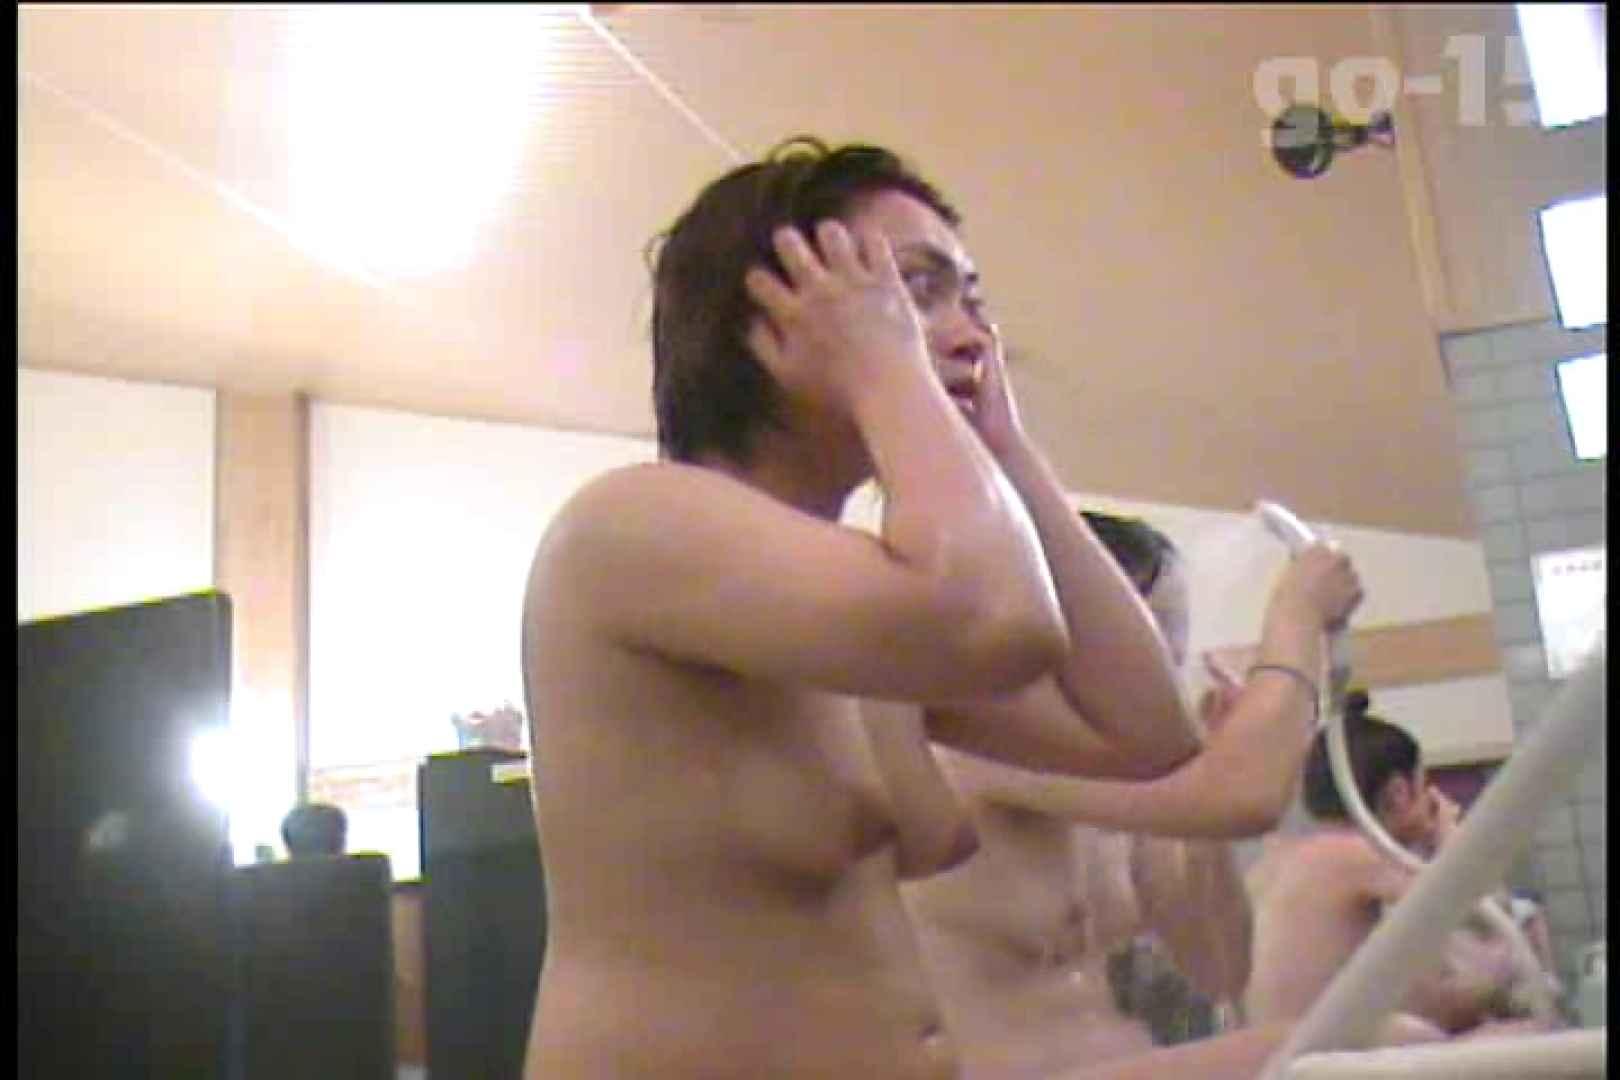 電波カメラ設置浴場からの防HAN映像 Vol.15 OLの実態 盗撮セックス無修正動画無料 73pic 68